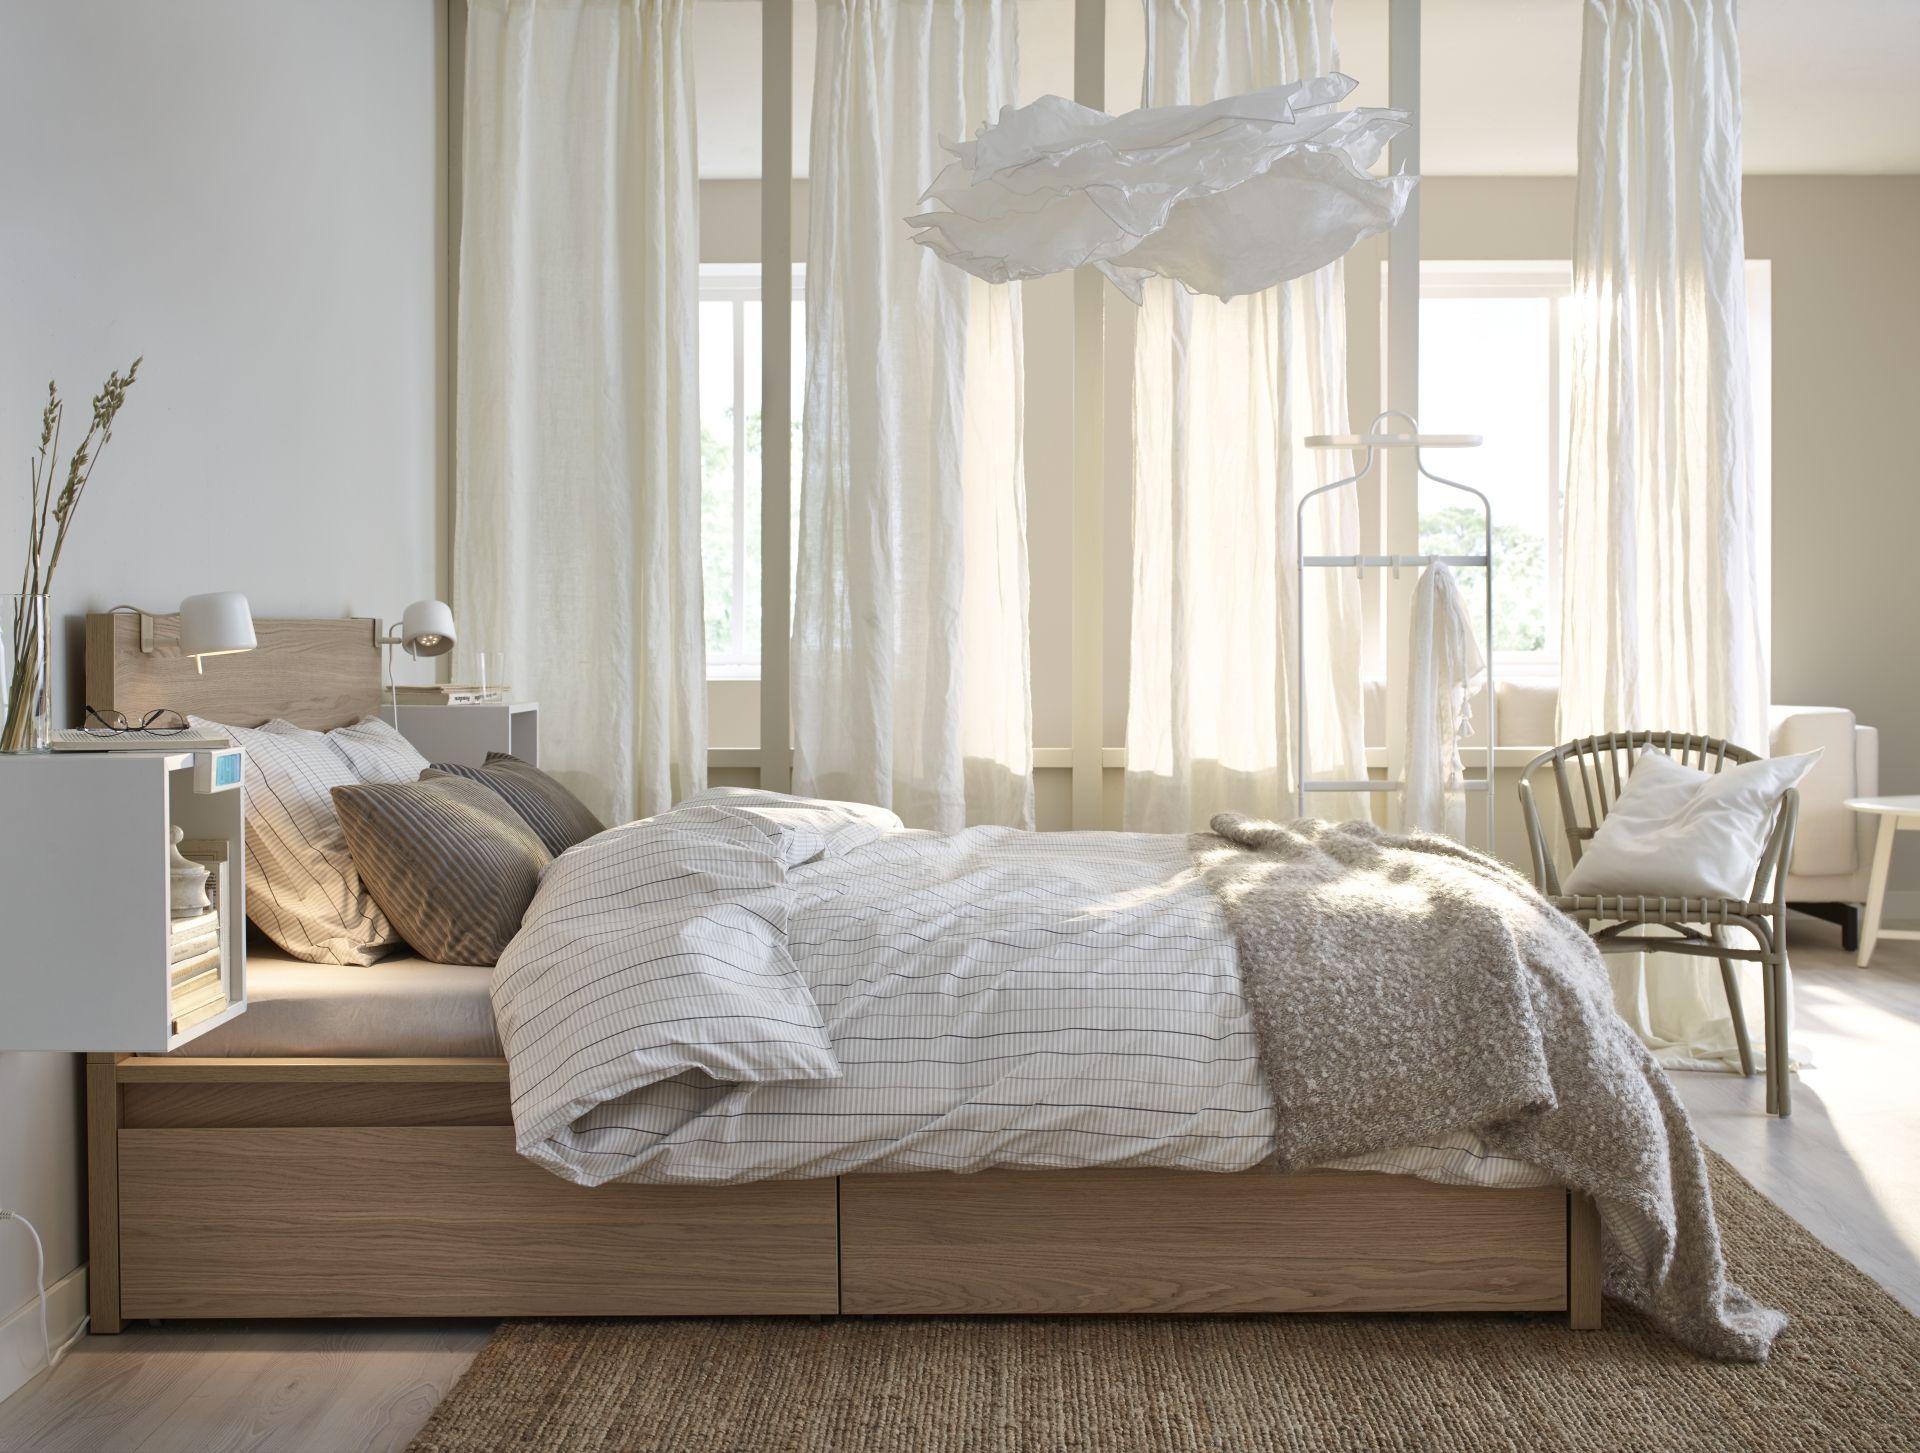 Soluciones Para Decorar Y Organizar Un Dormitorio Peque O  ~ Como Decorar Un Dormitorio De Matrimonio Pequeño